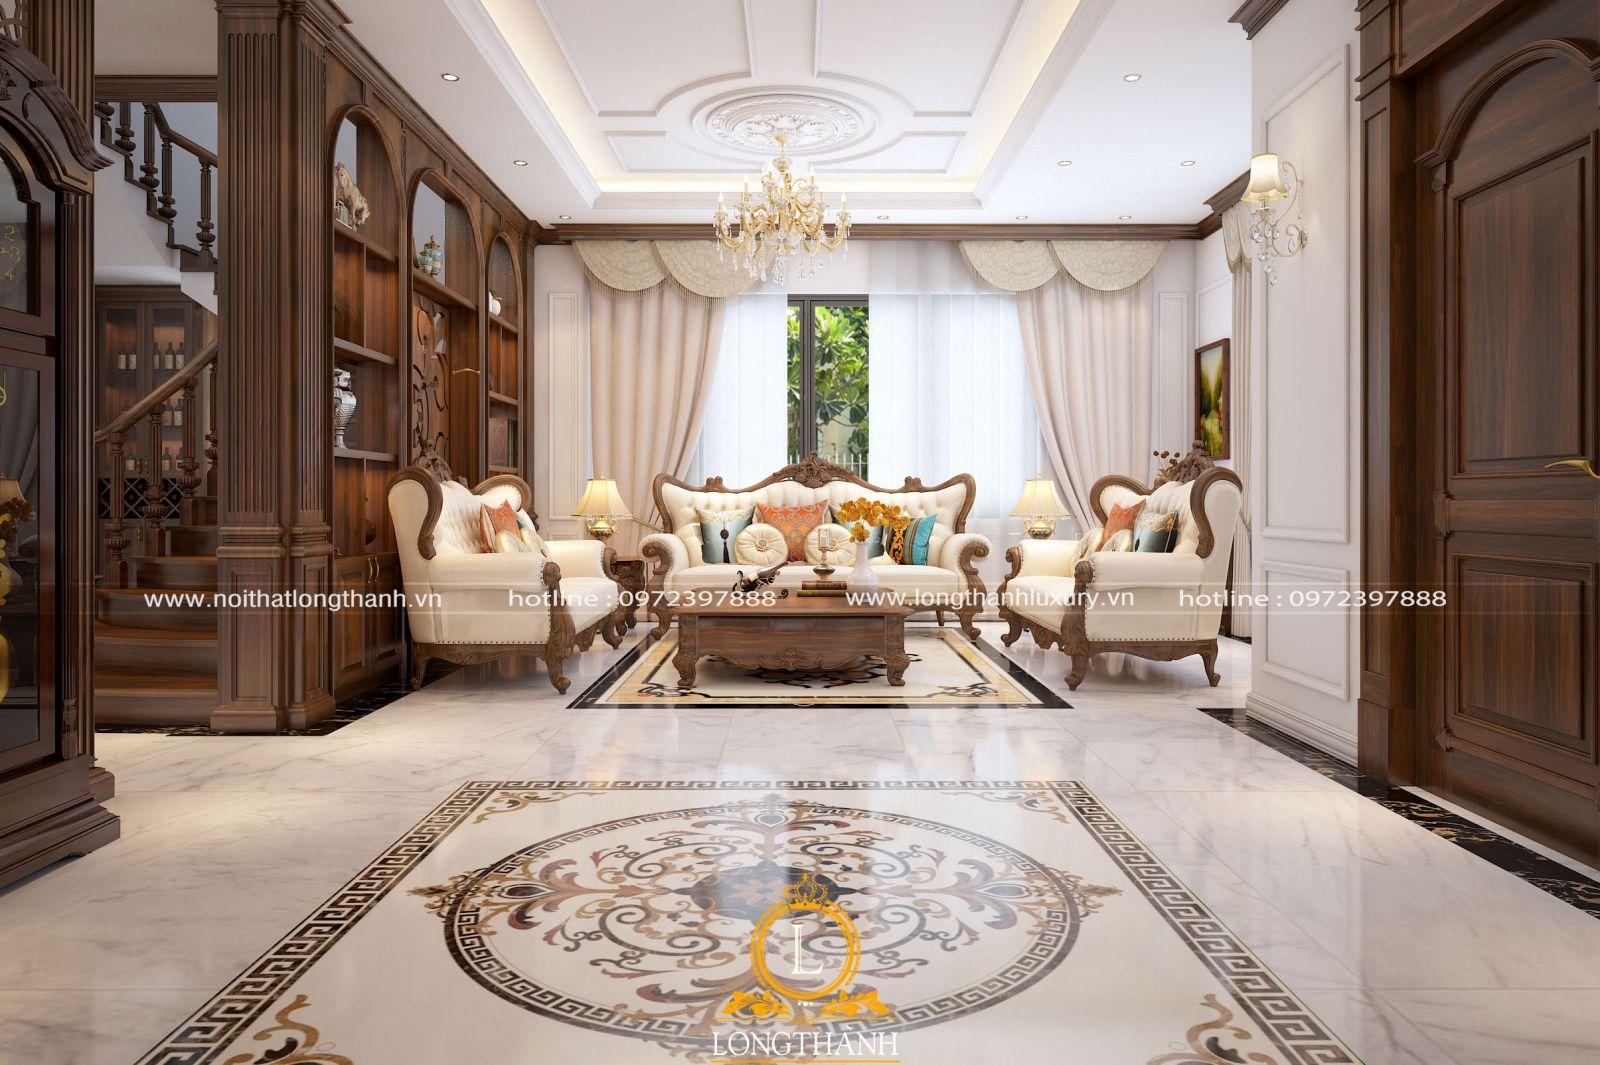 20+ Mẫu sofa tân cổ điển đơn giản, nhẹ nhàng cho phòng khách nhỏ